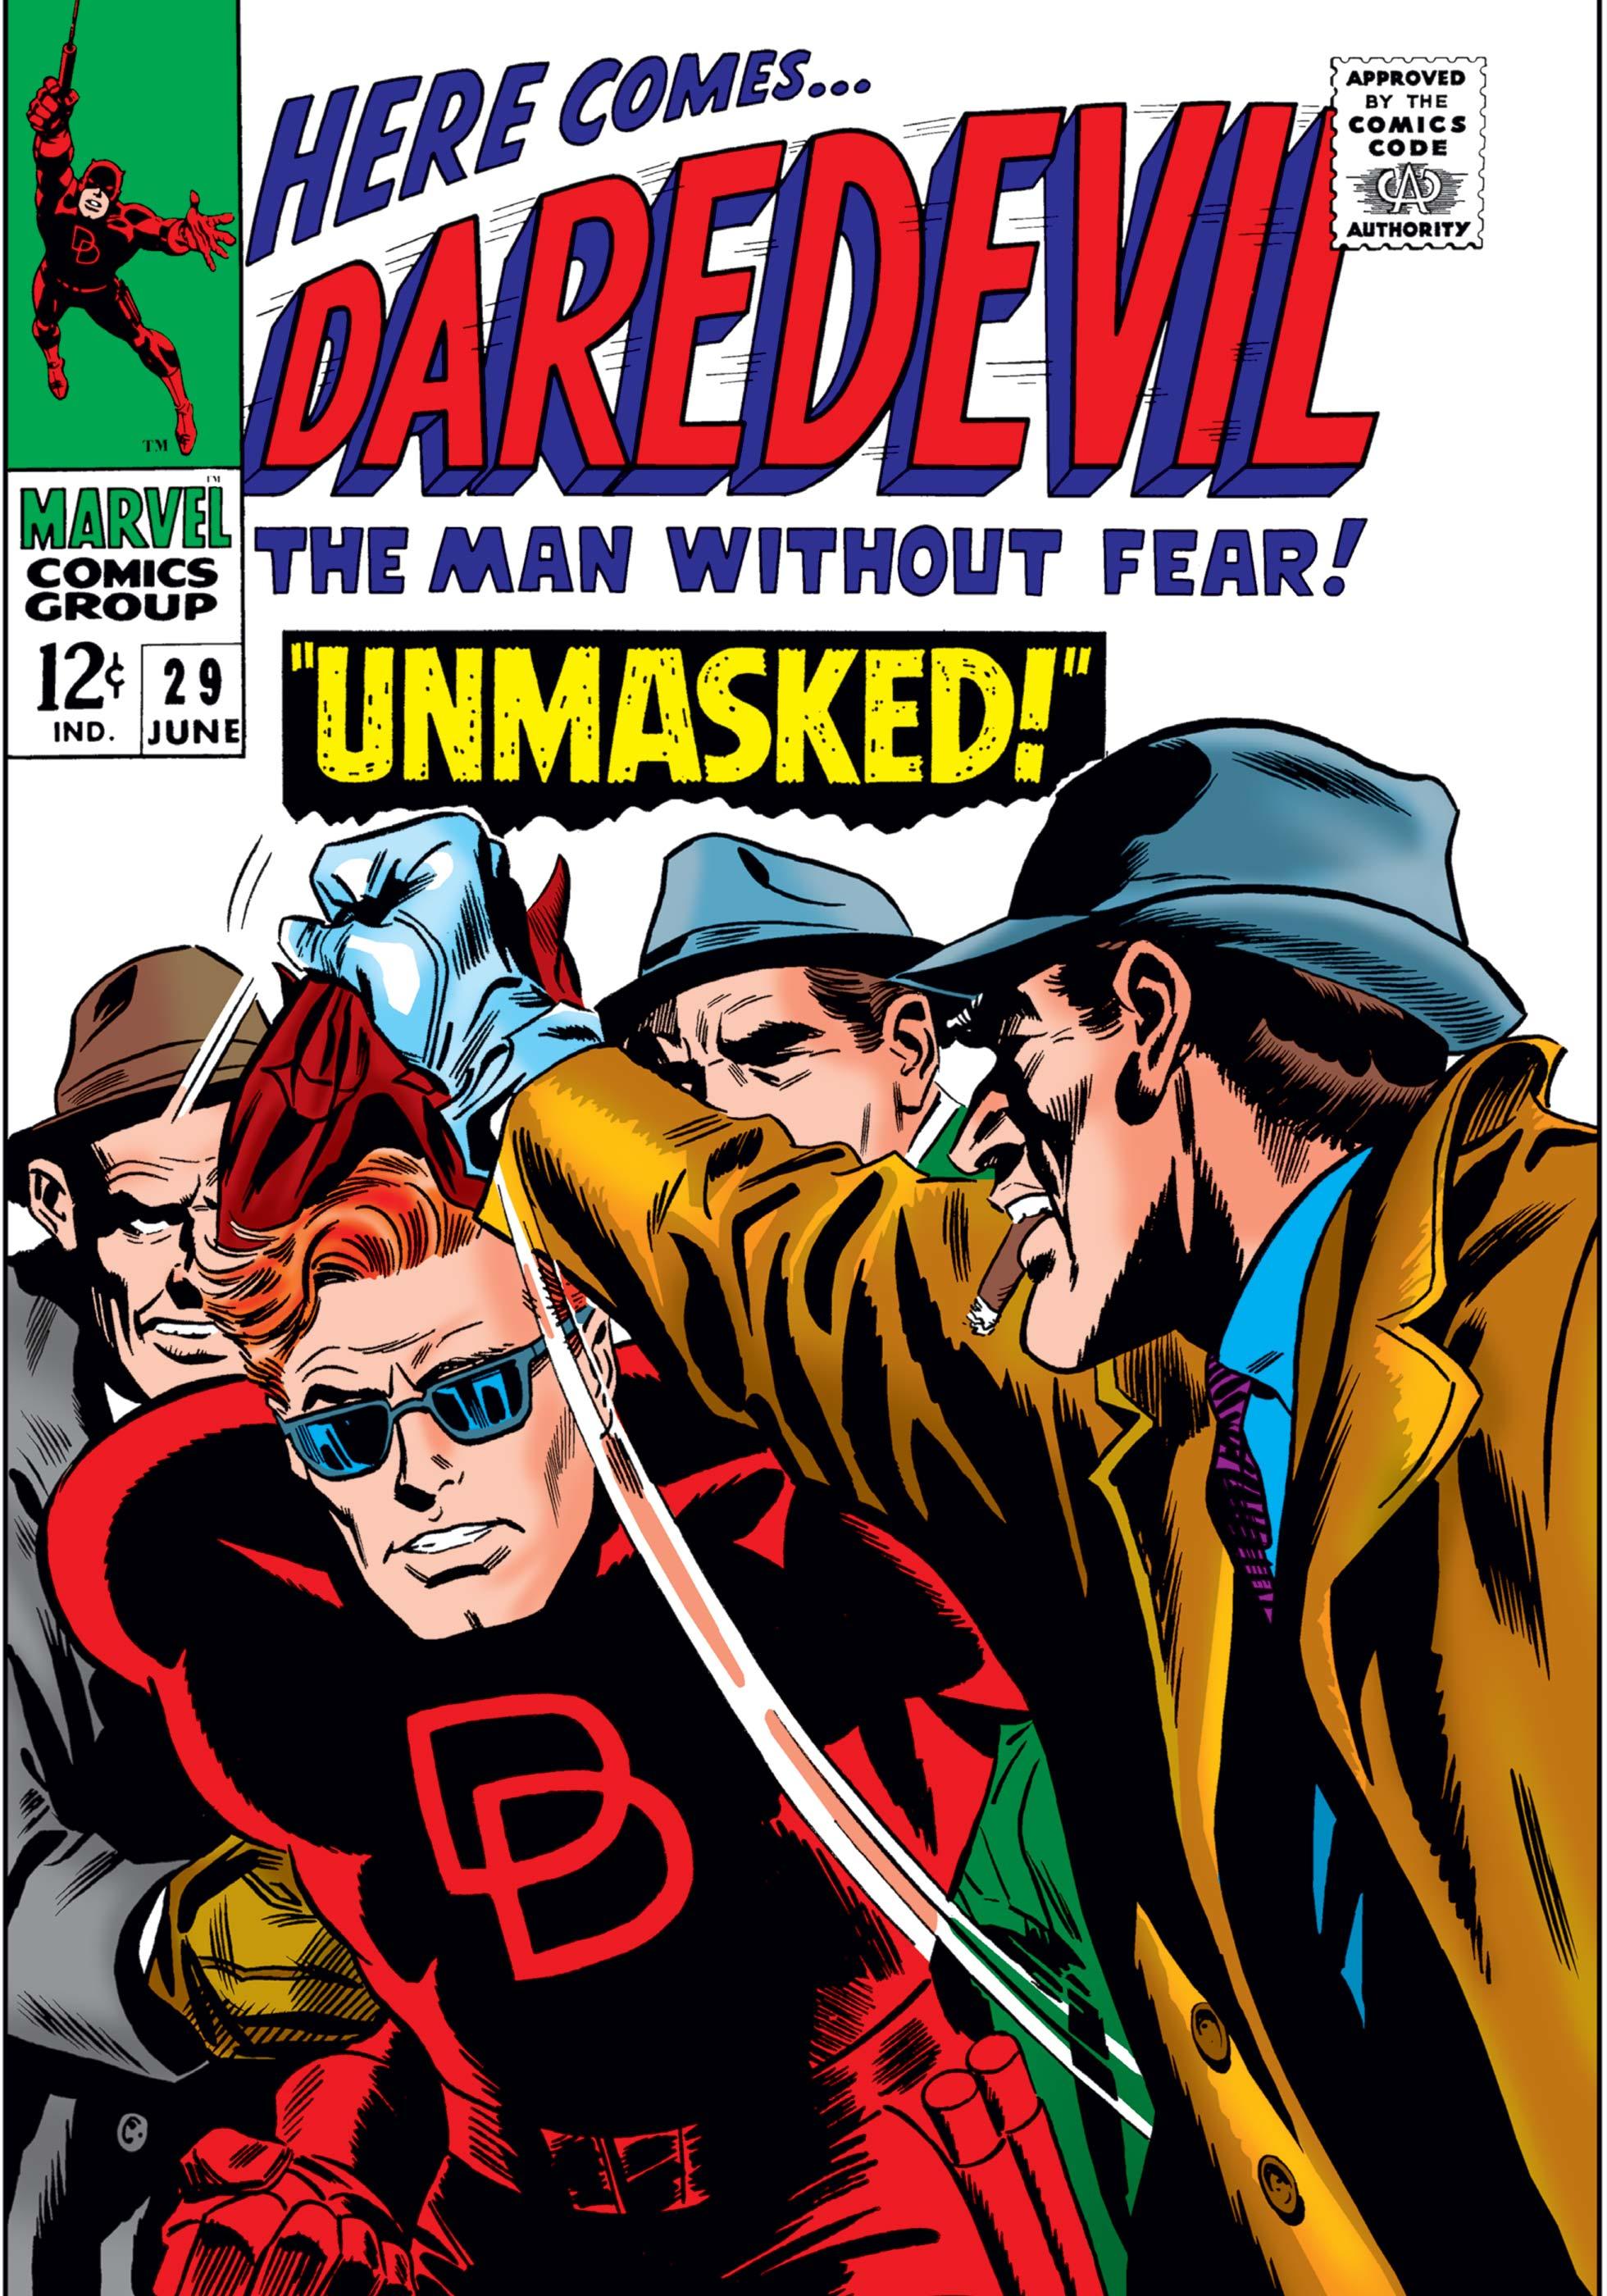 Daredevil (1964) #29